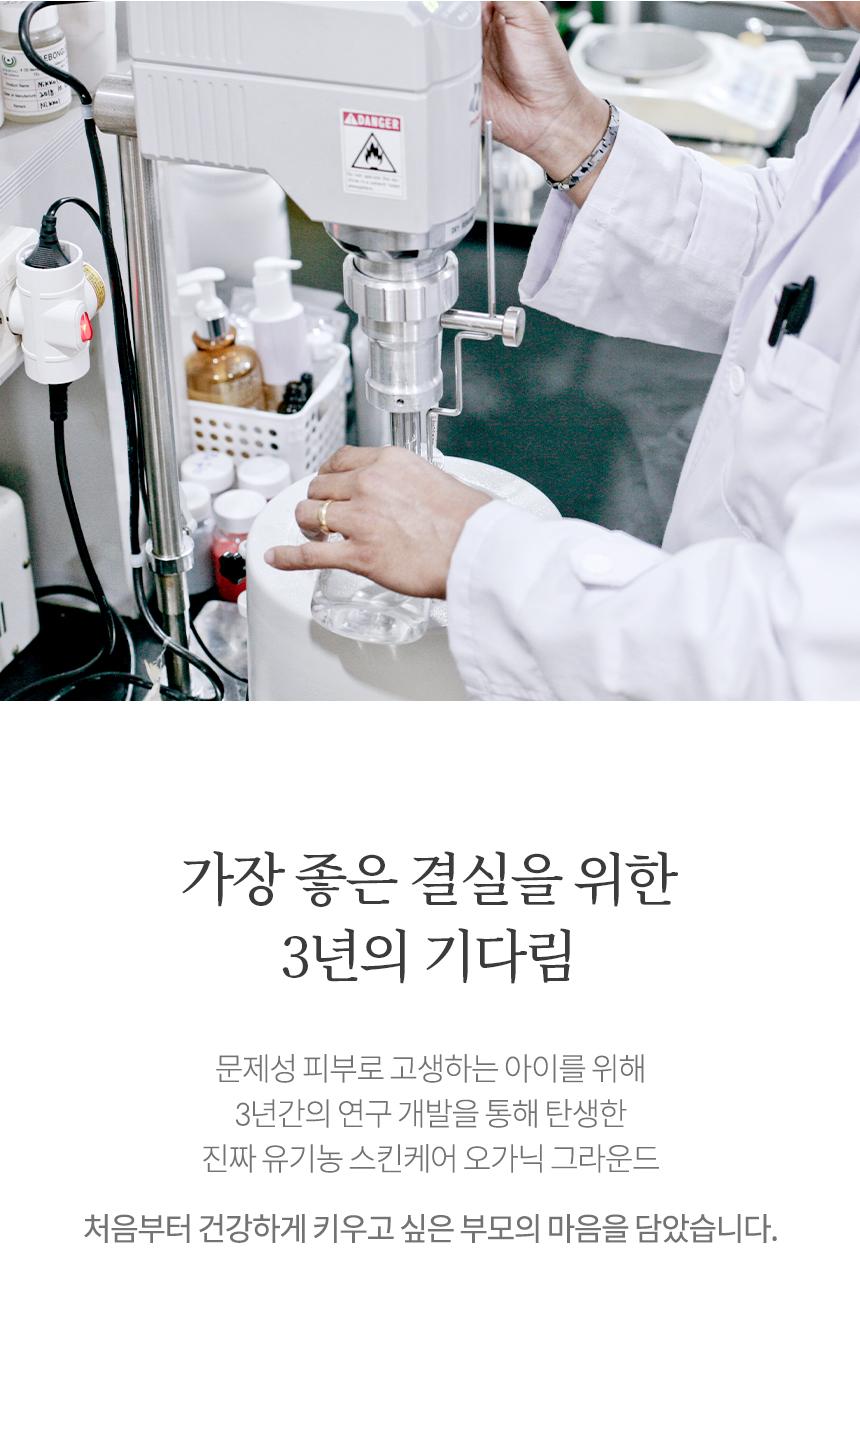 공통_브랜드소개_02